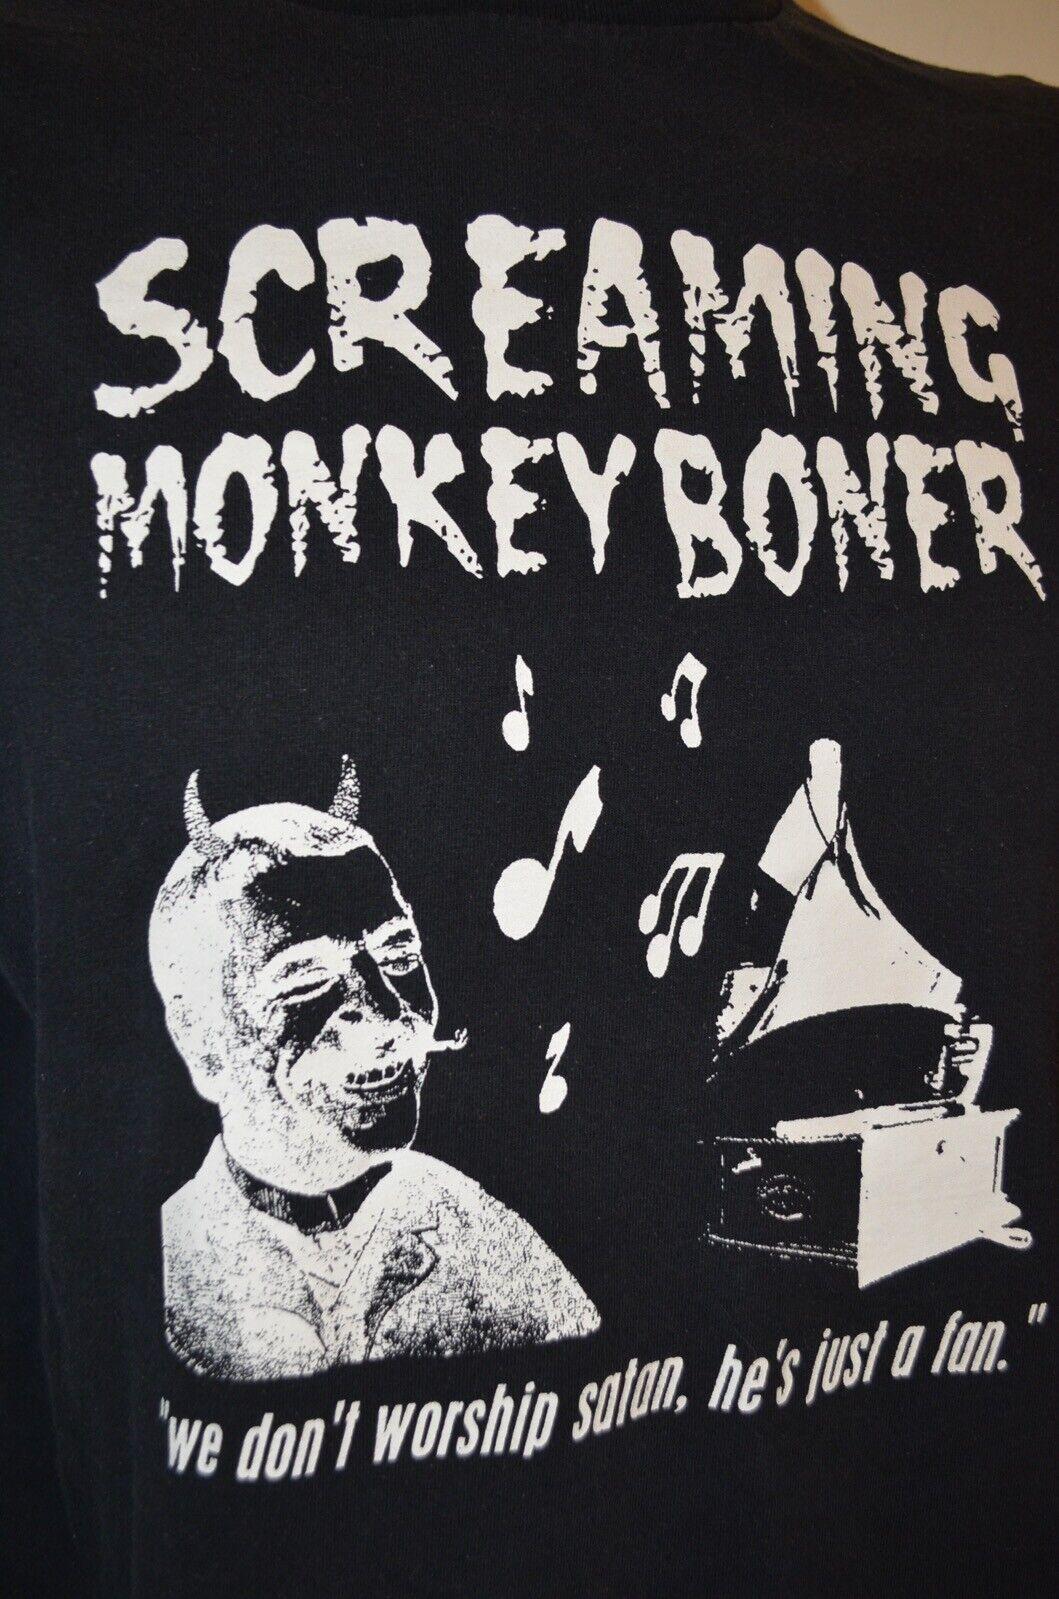 Screaming Monkey Boner Worship Satan NIN Metal Sy… - image 1